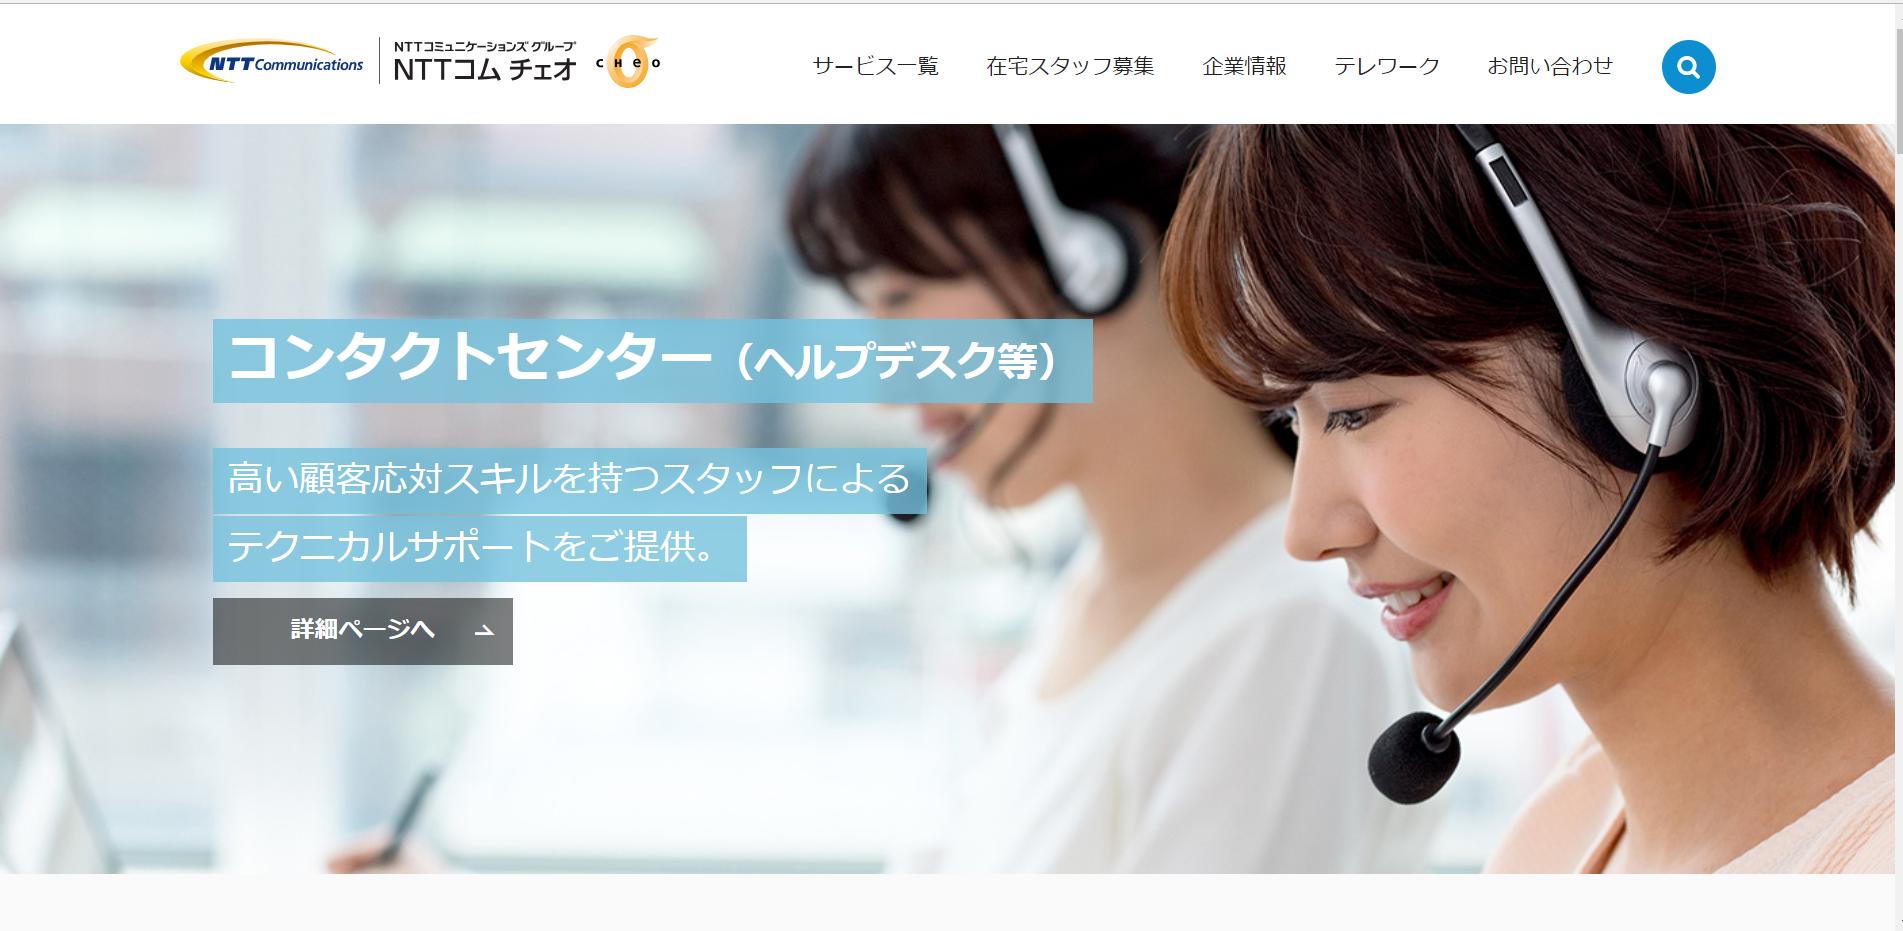 NTTコム チェオの評判・口コミ